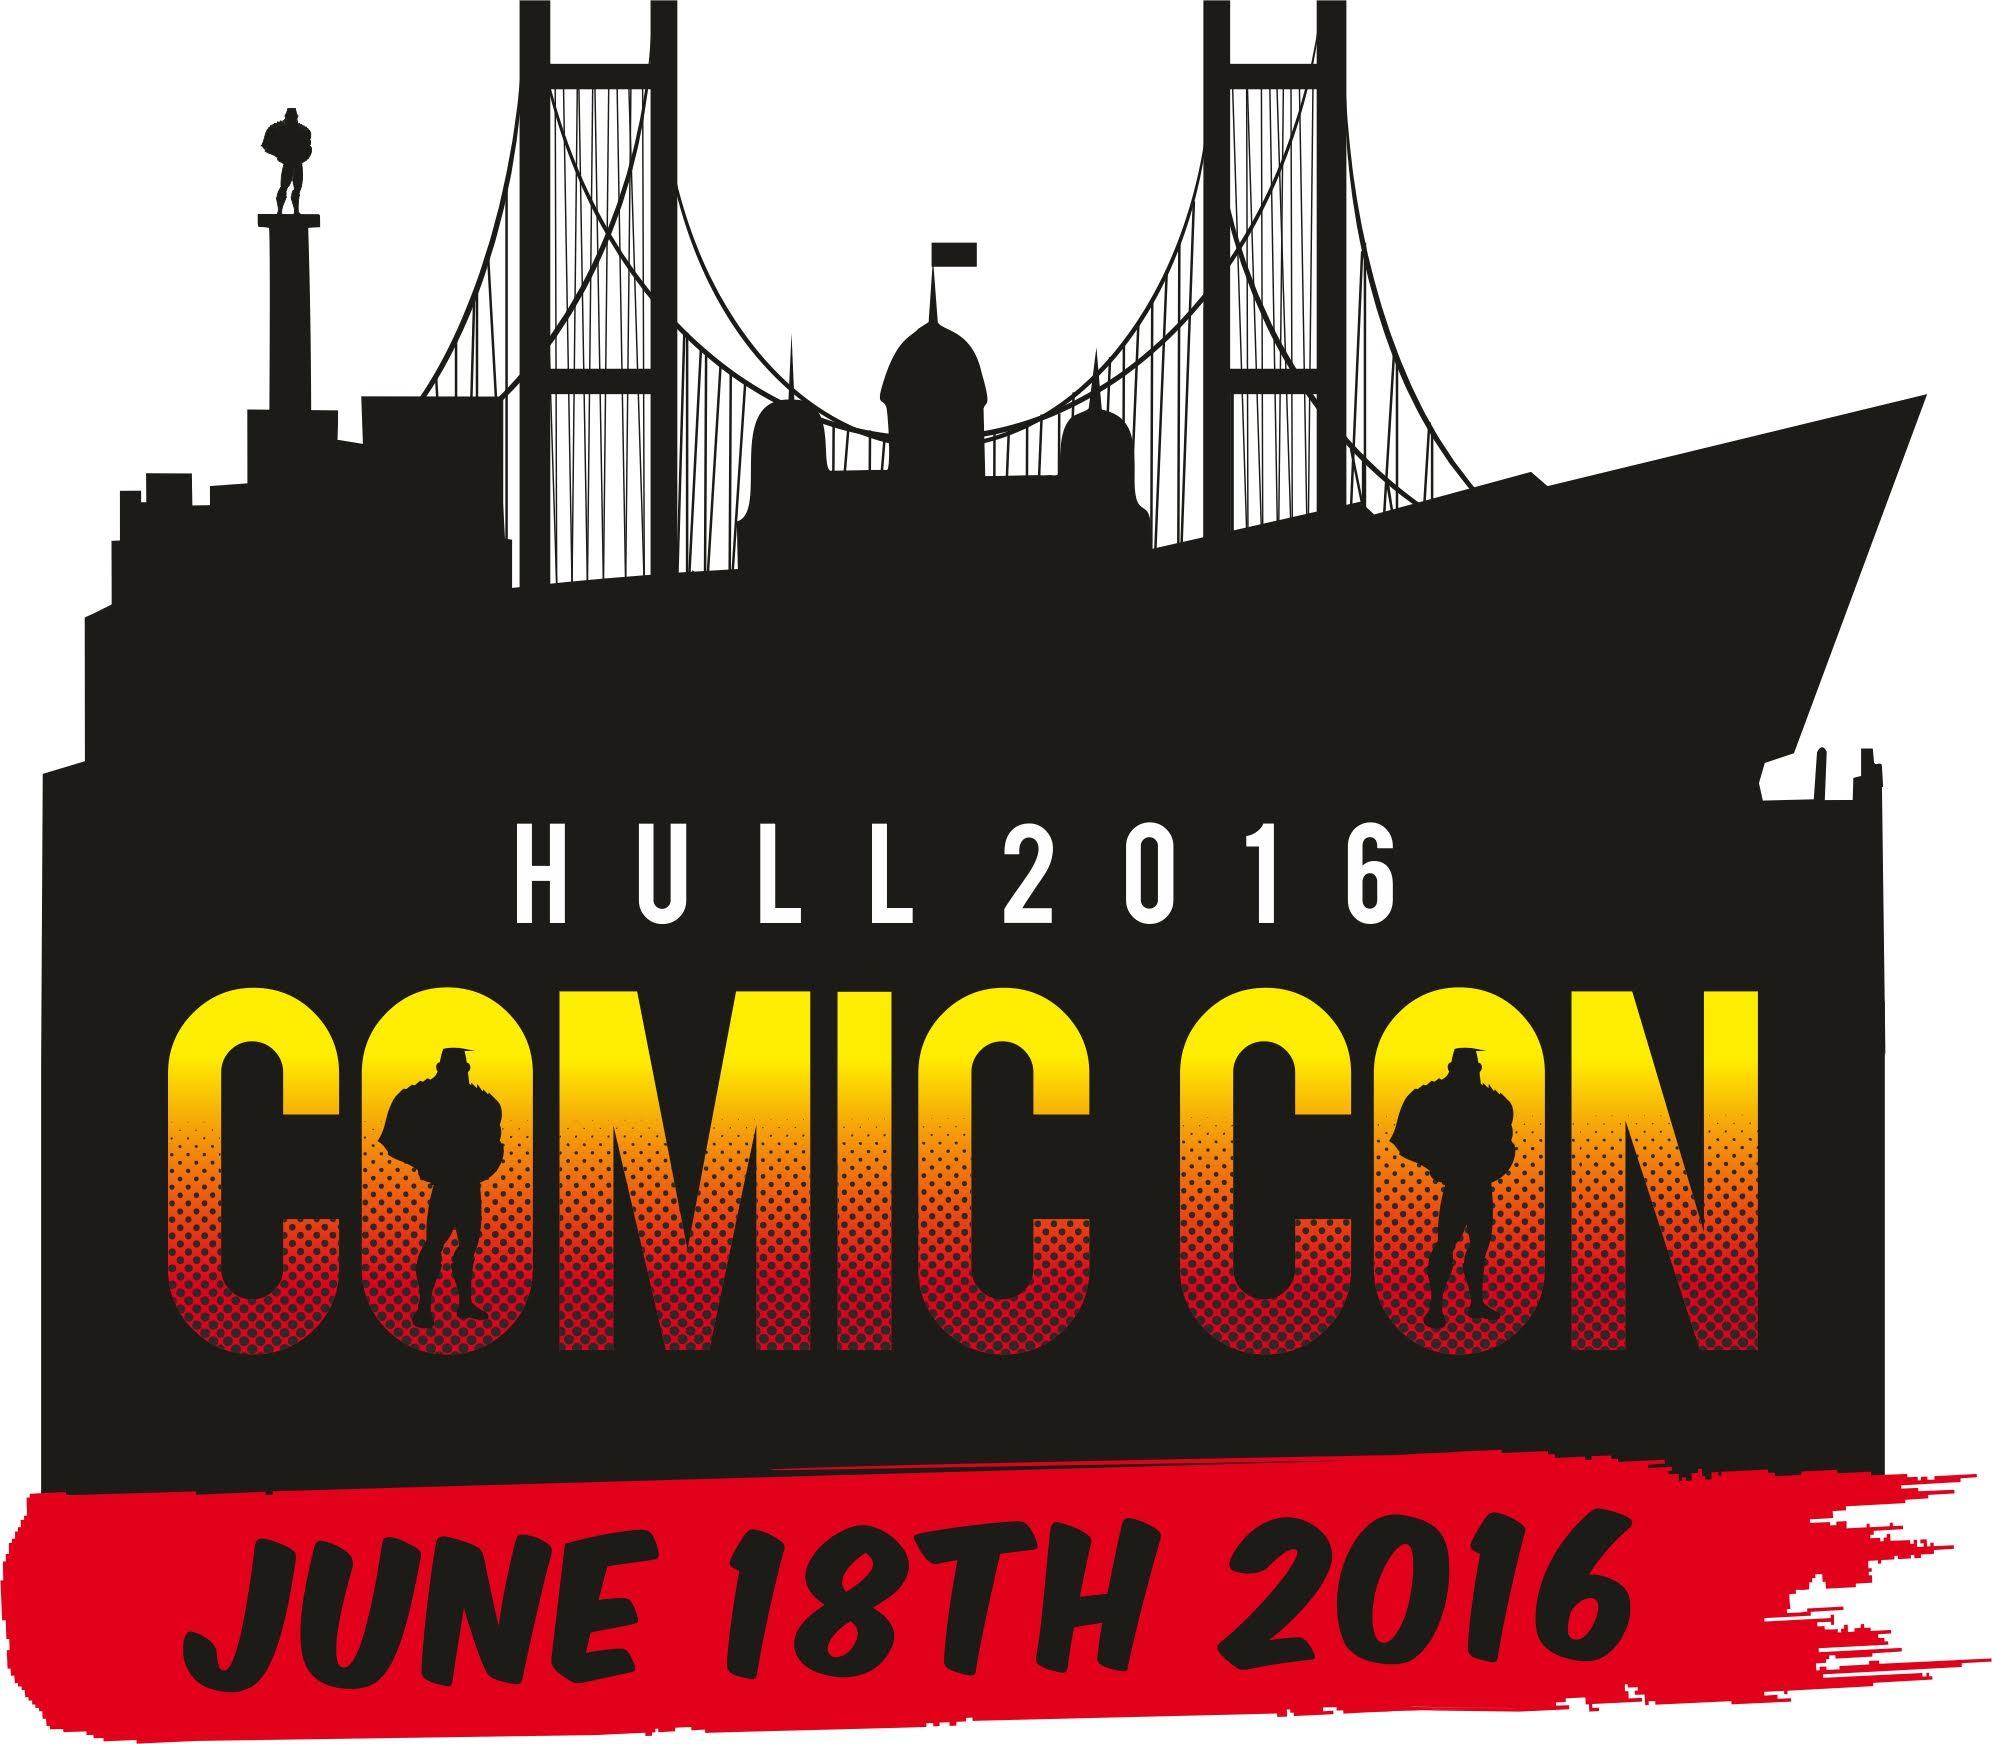 hull-comic-con